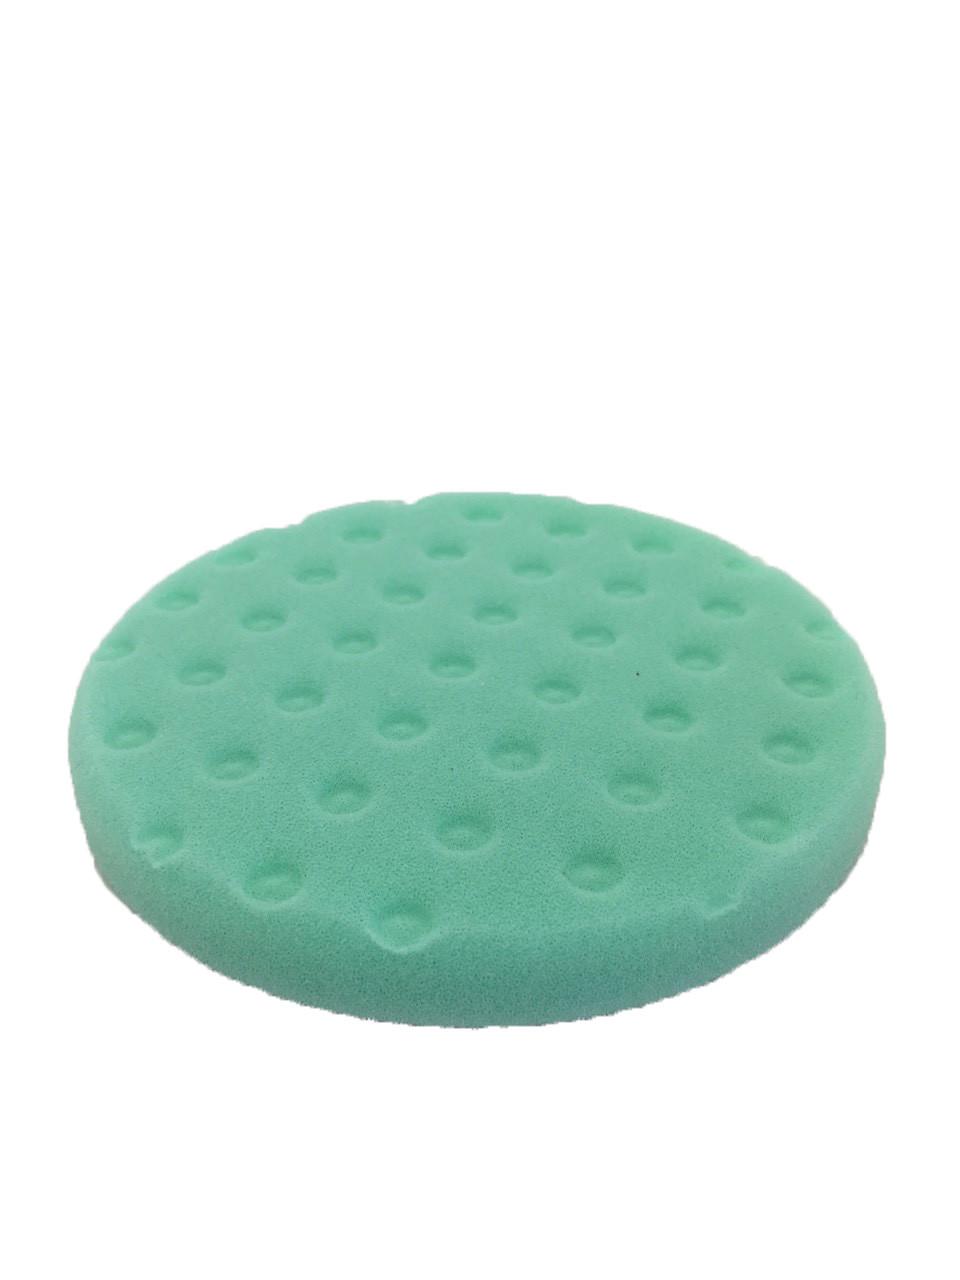 Полировальный круг жесткий антиголограмный - Lake Country Сutback DA Green Foam 150 мм. (78-32650CCS-152)